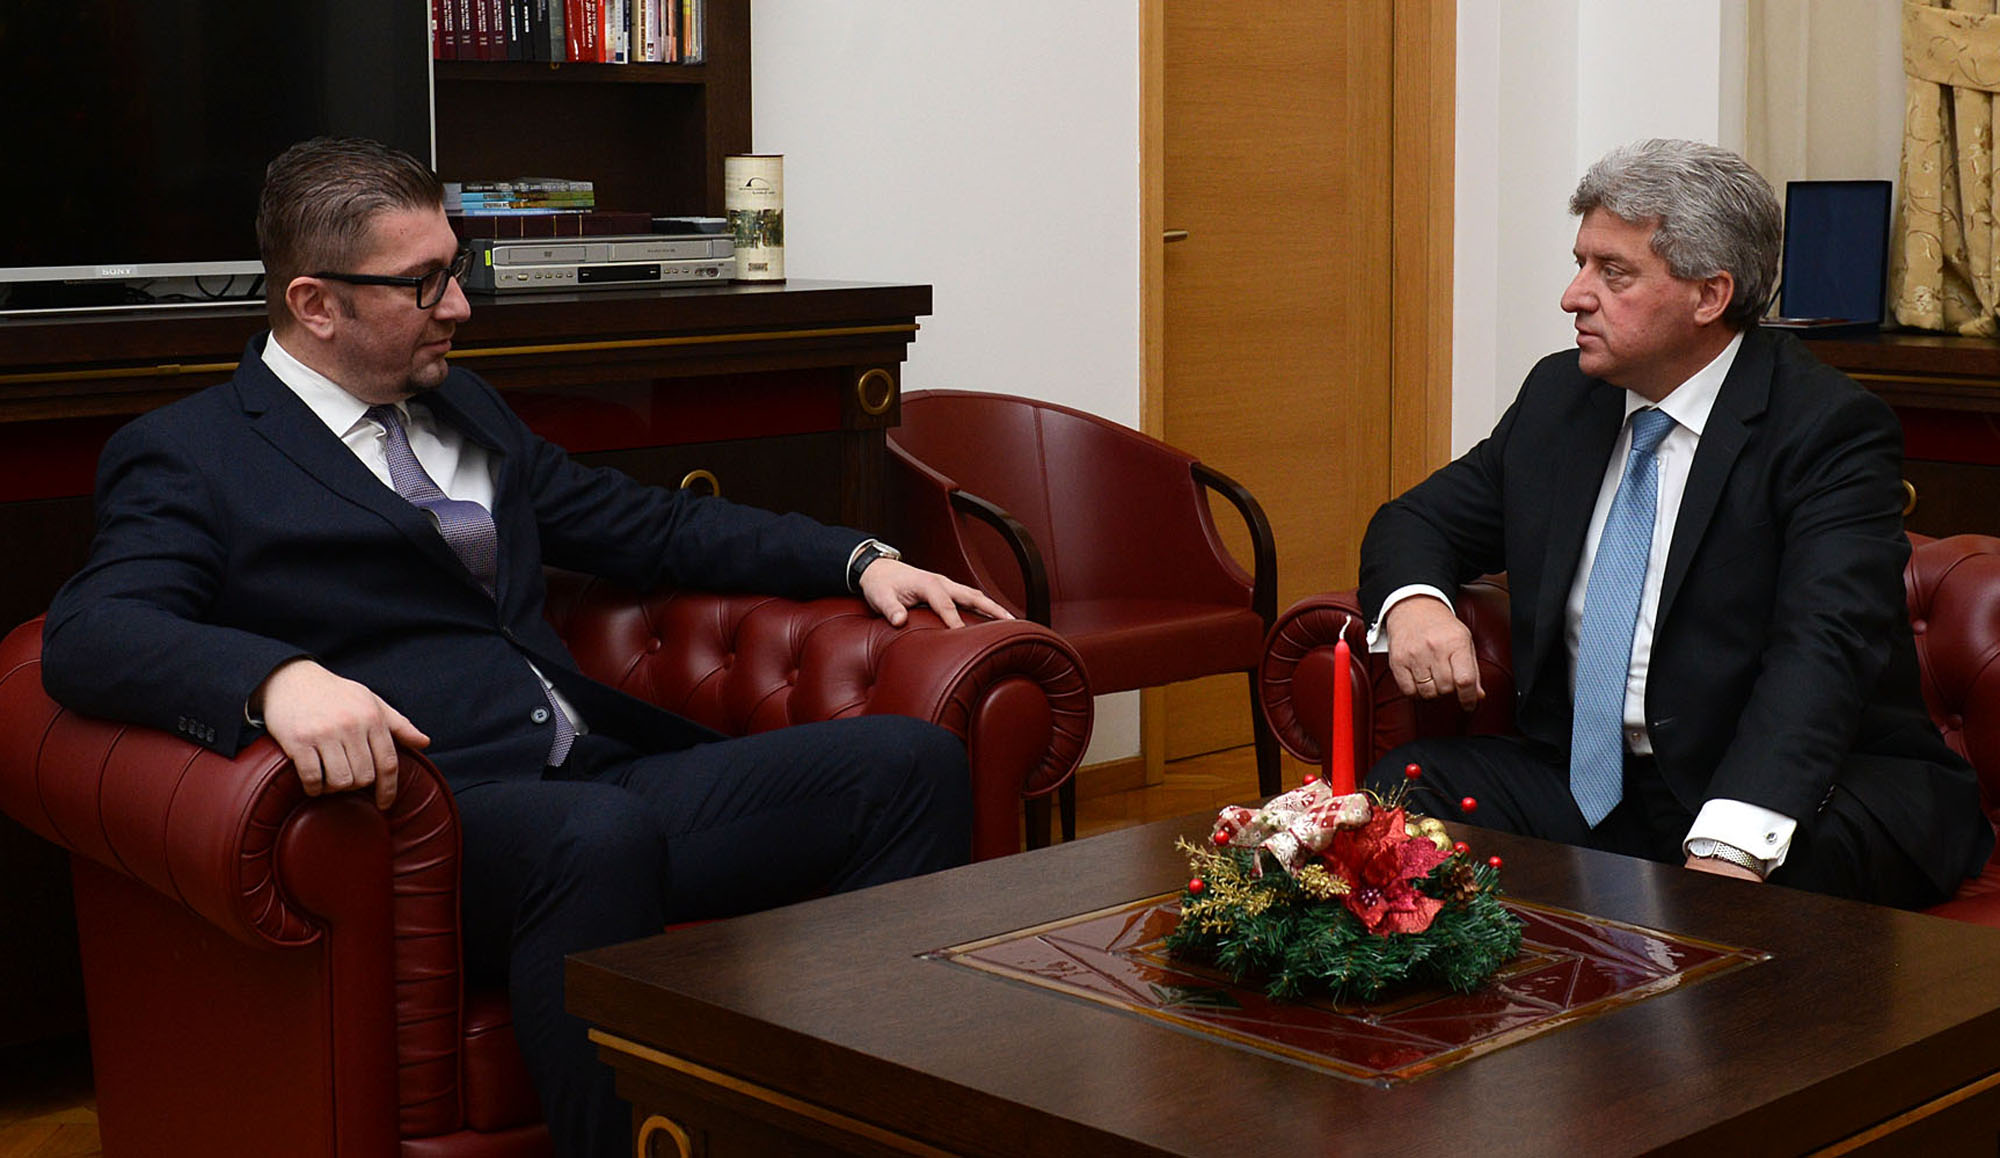 President Djordje Ivanov shares the same view on the referendum as VMRO-DPMNE